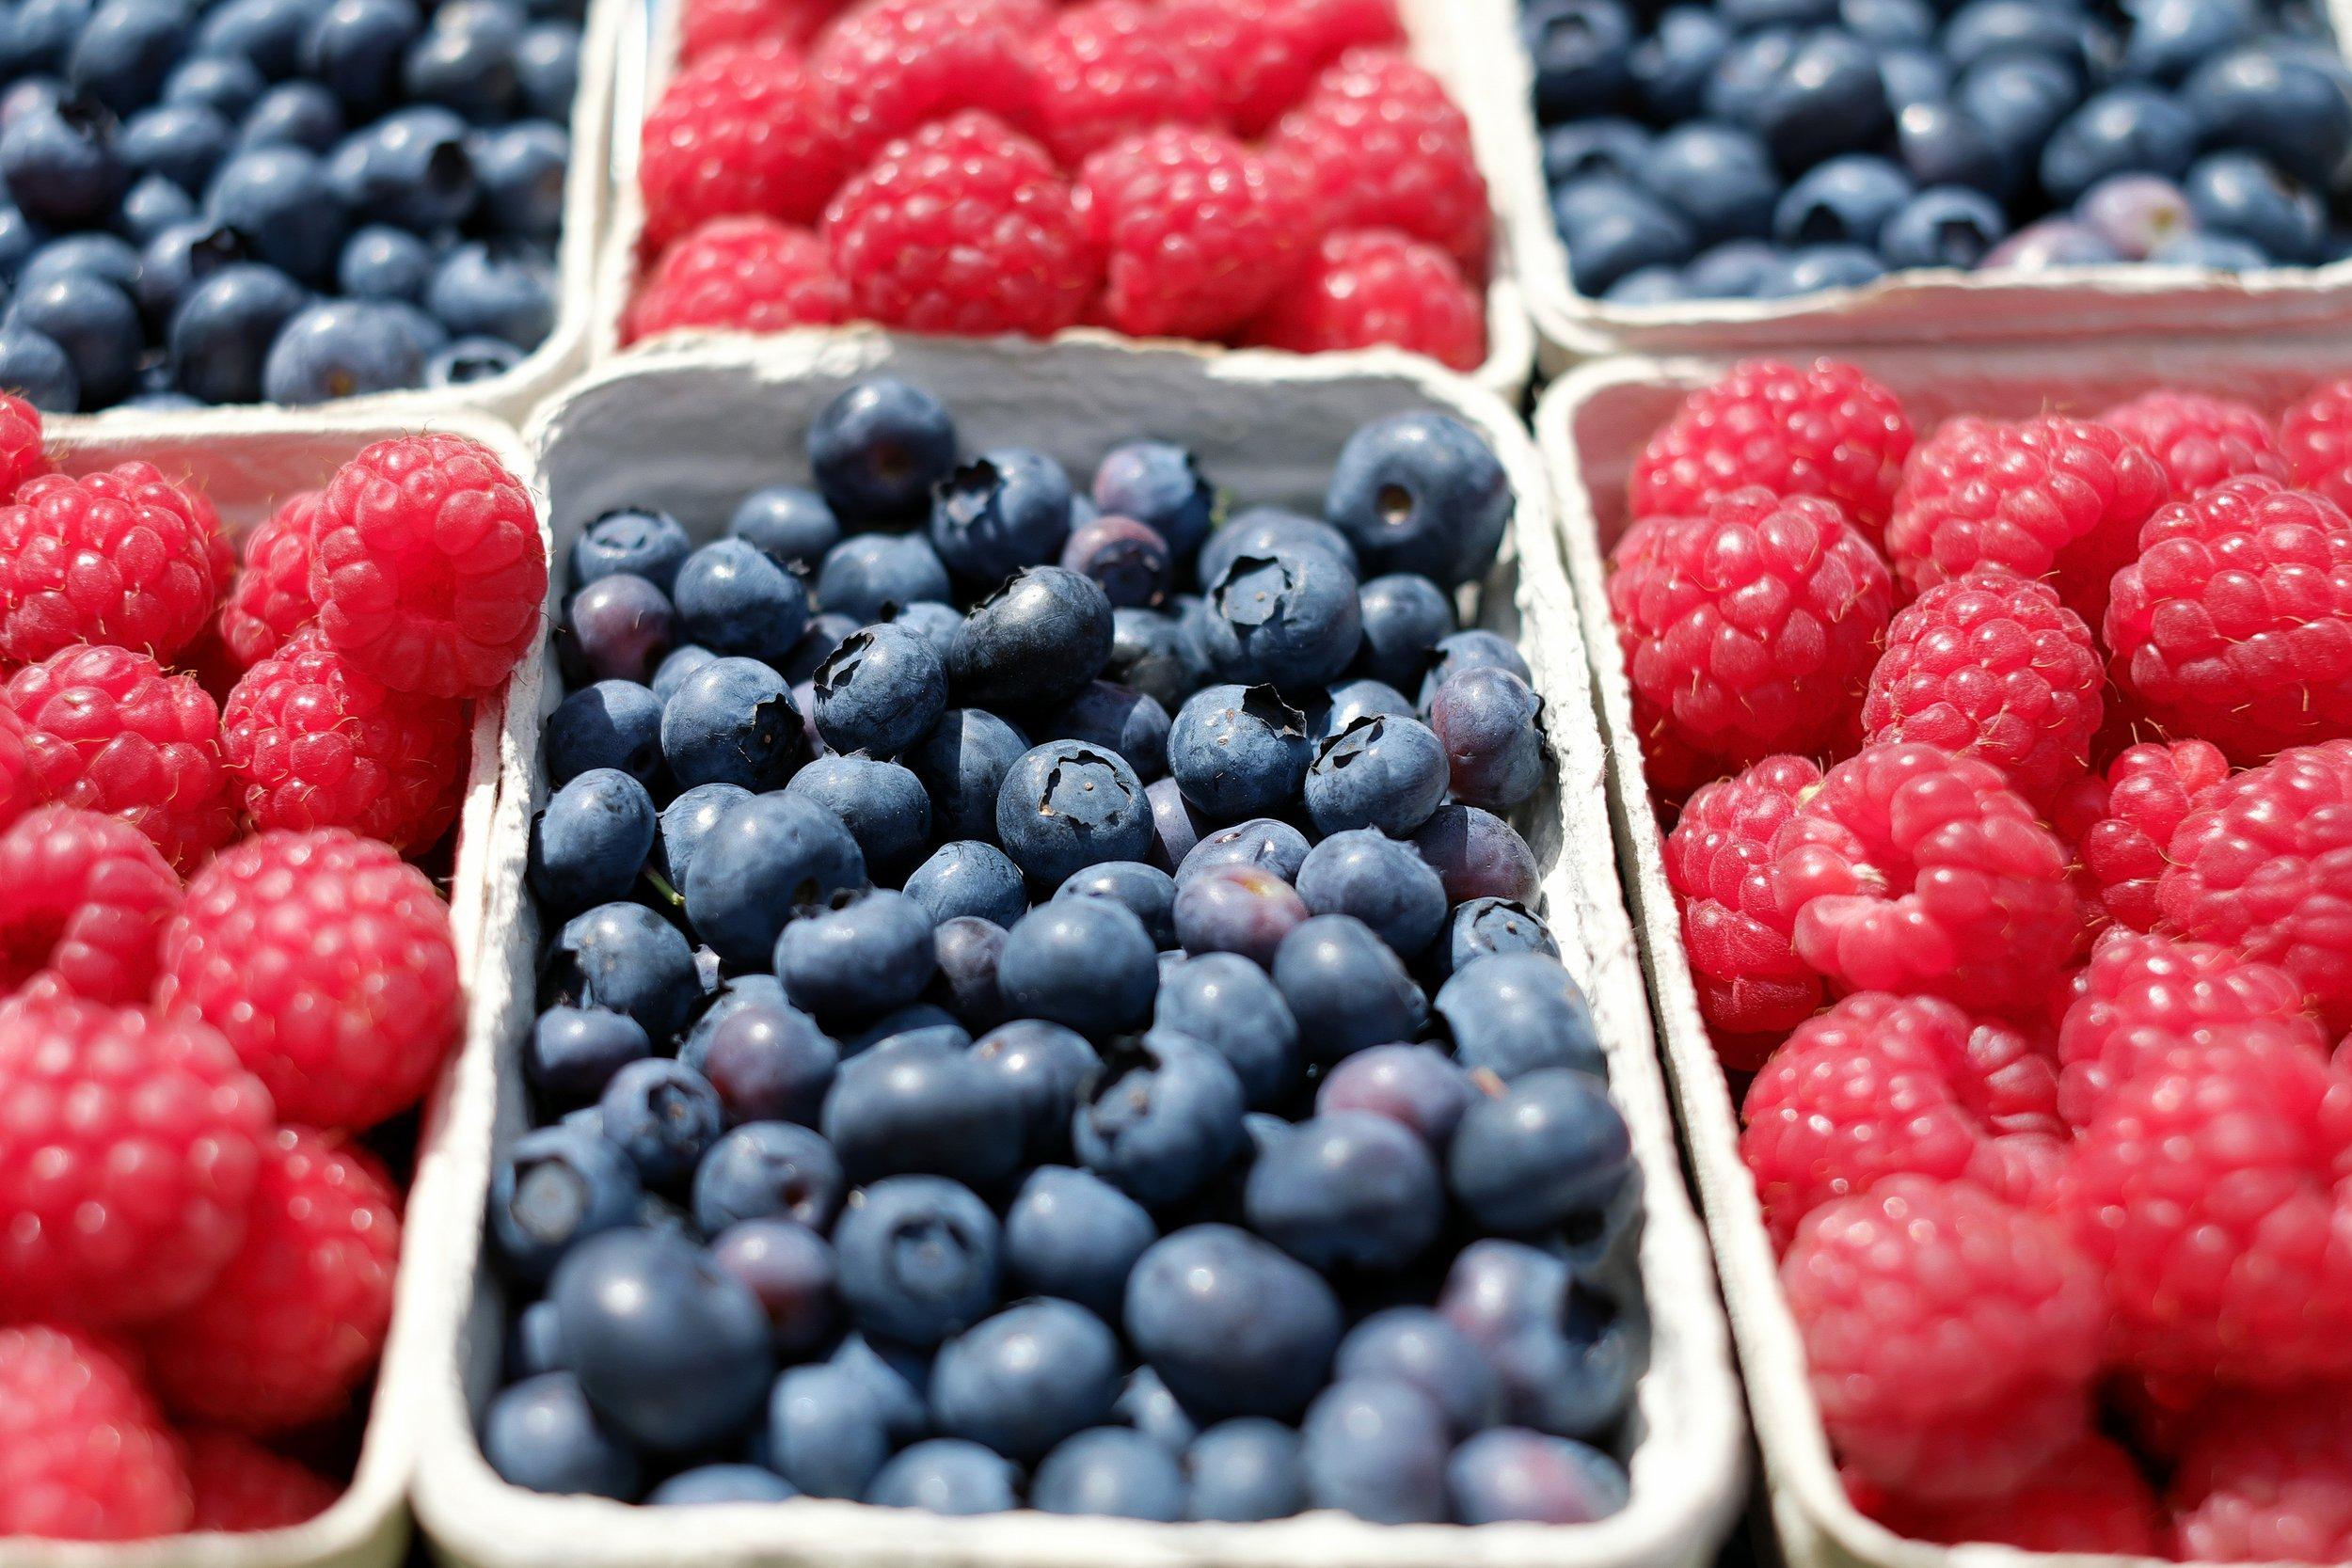 berries-blueberries-raspberries-fruit-122442.jpg